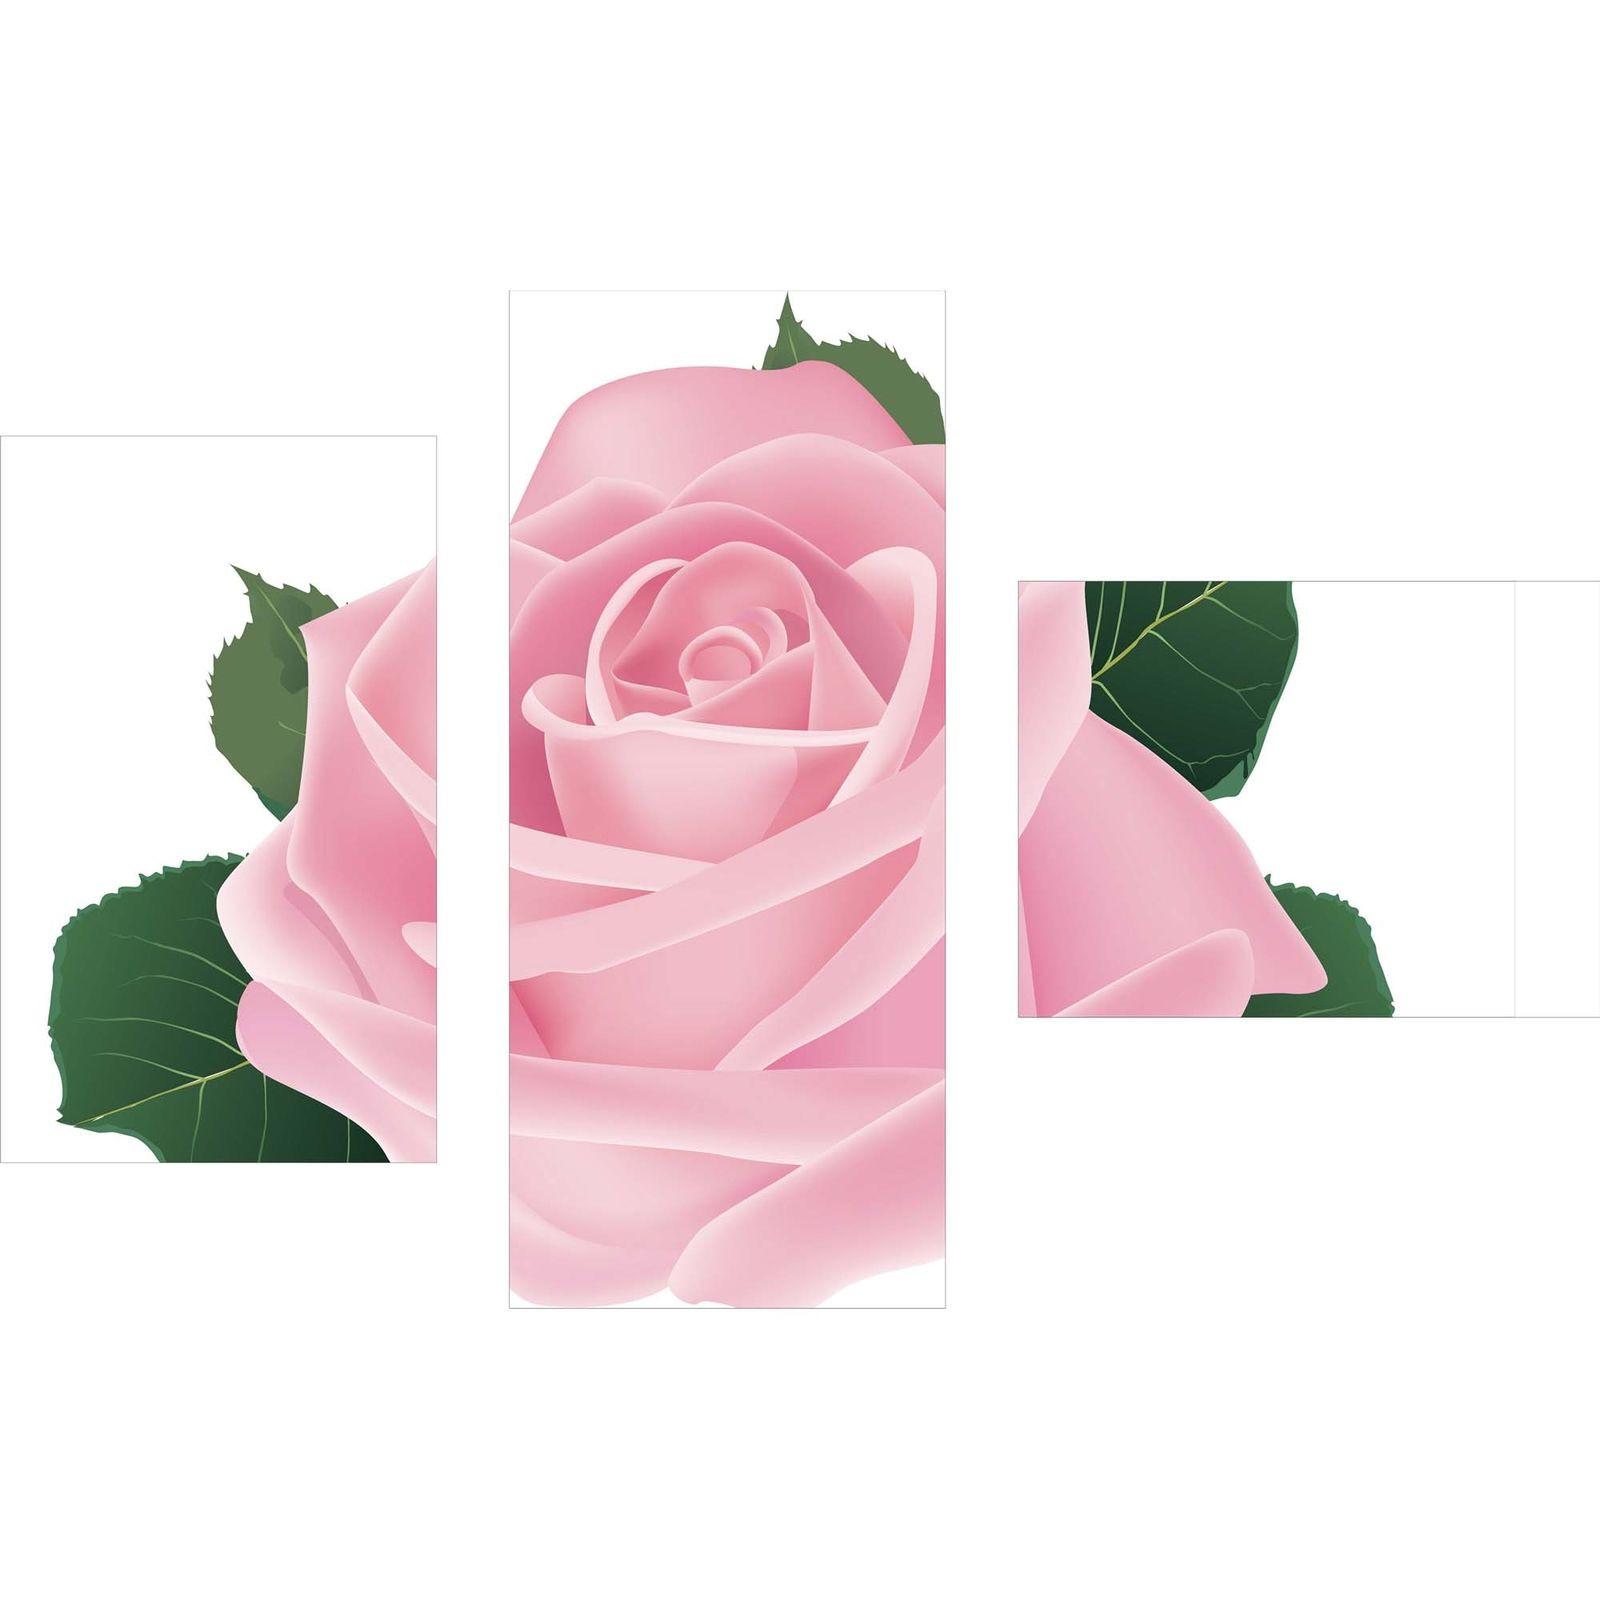 Dreiteiliges Wandbild 3 Teilig Glas Bild Glasbilder Wanddeko Rose Pink 100x70 Cm